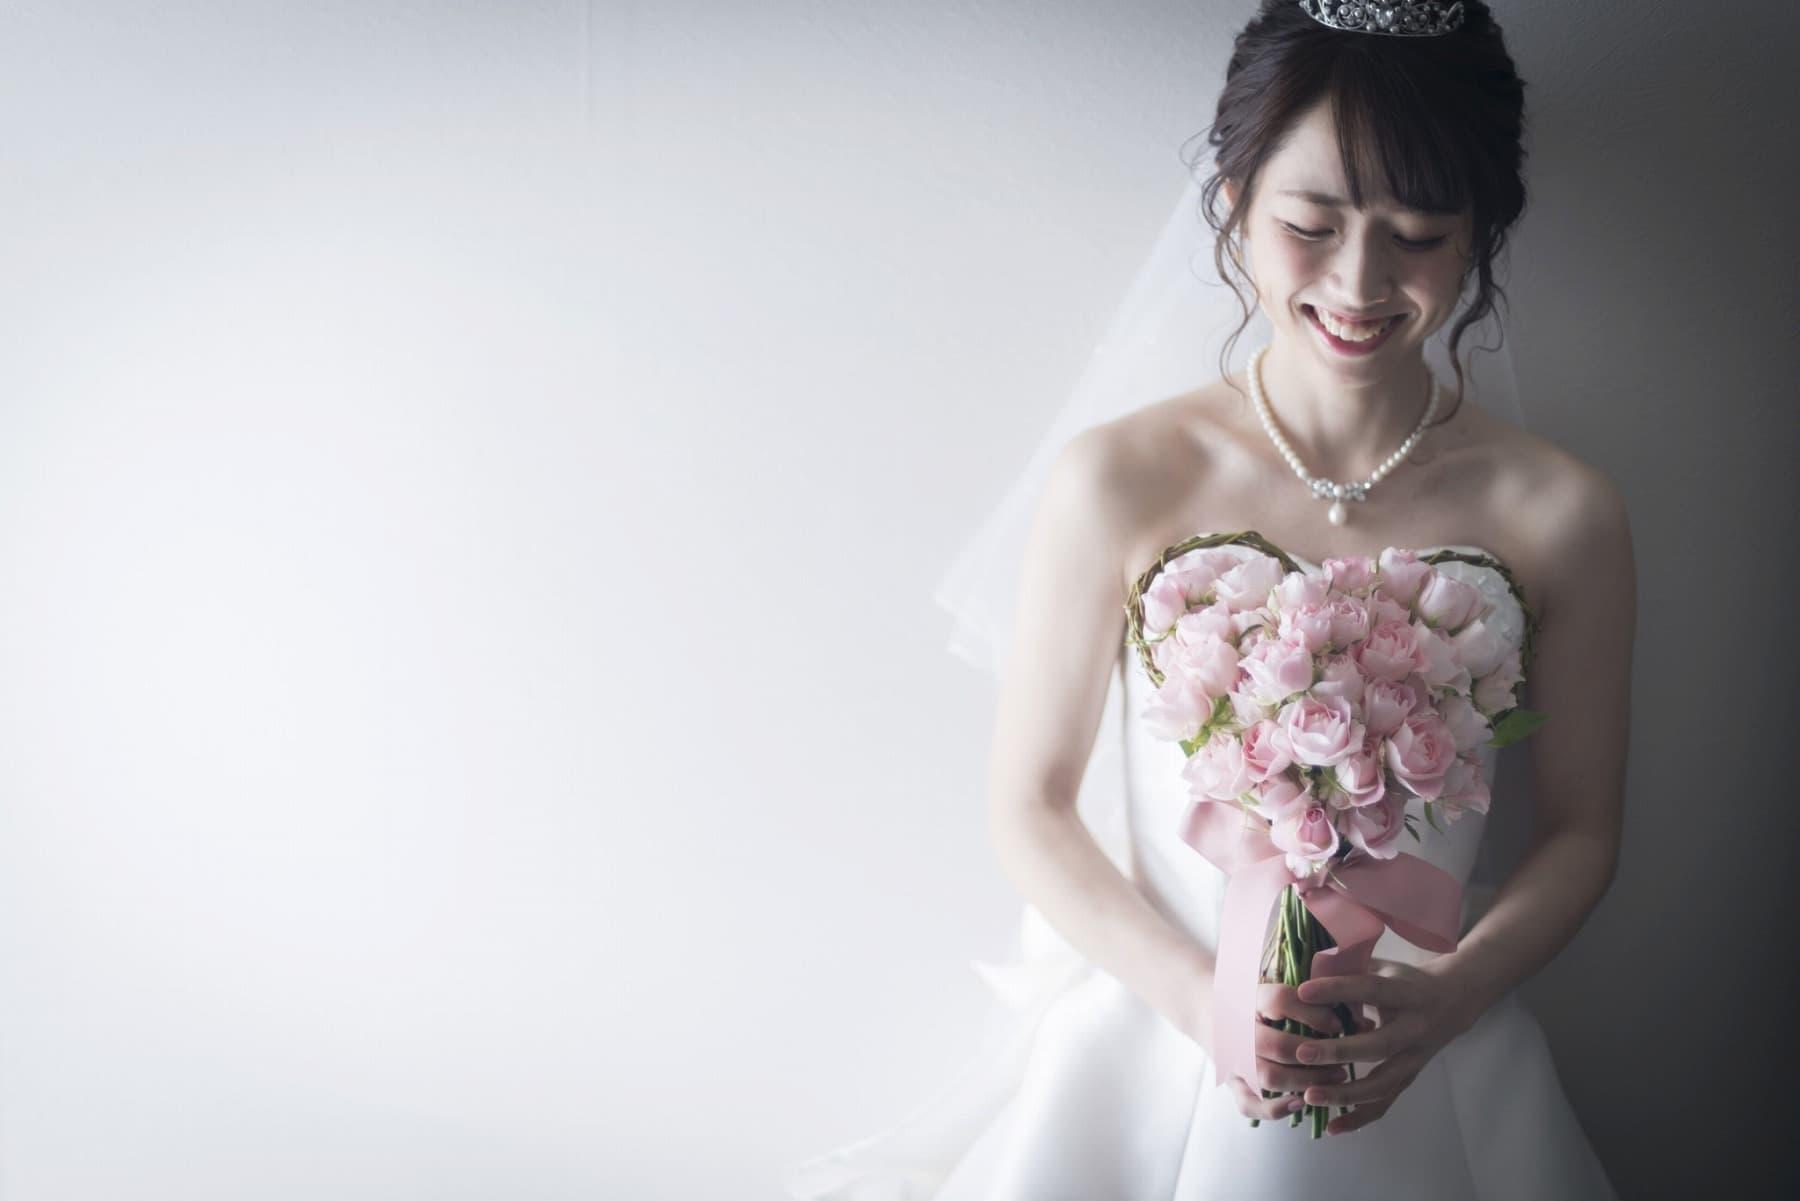 香川の結婚式場シェルエメール&アイスタイル 新婦